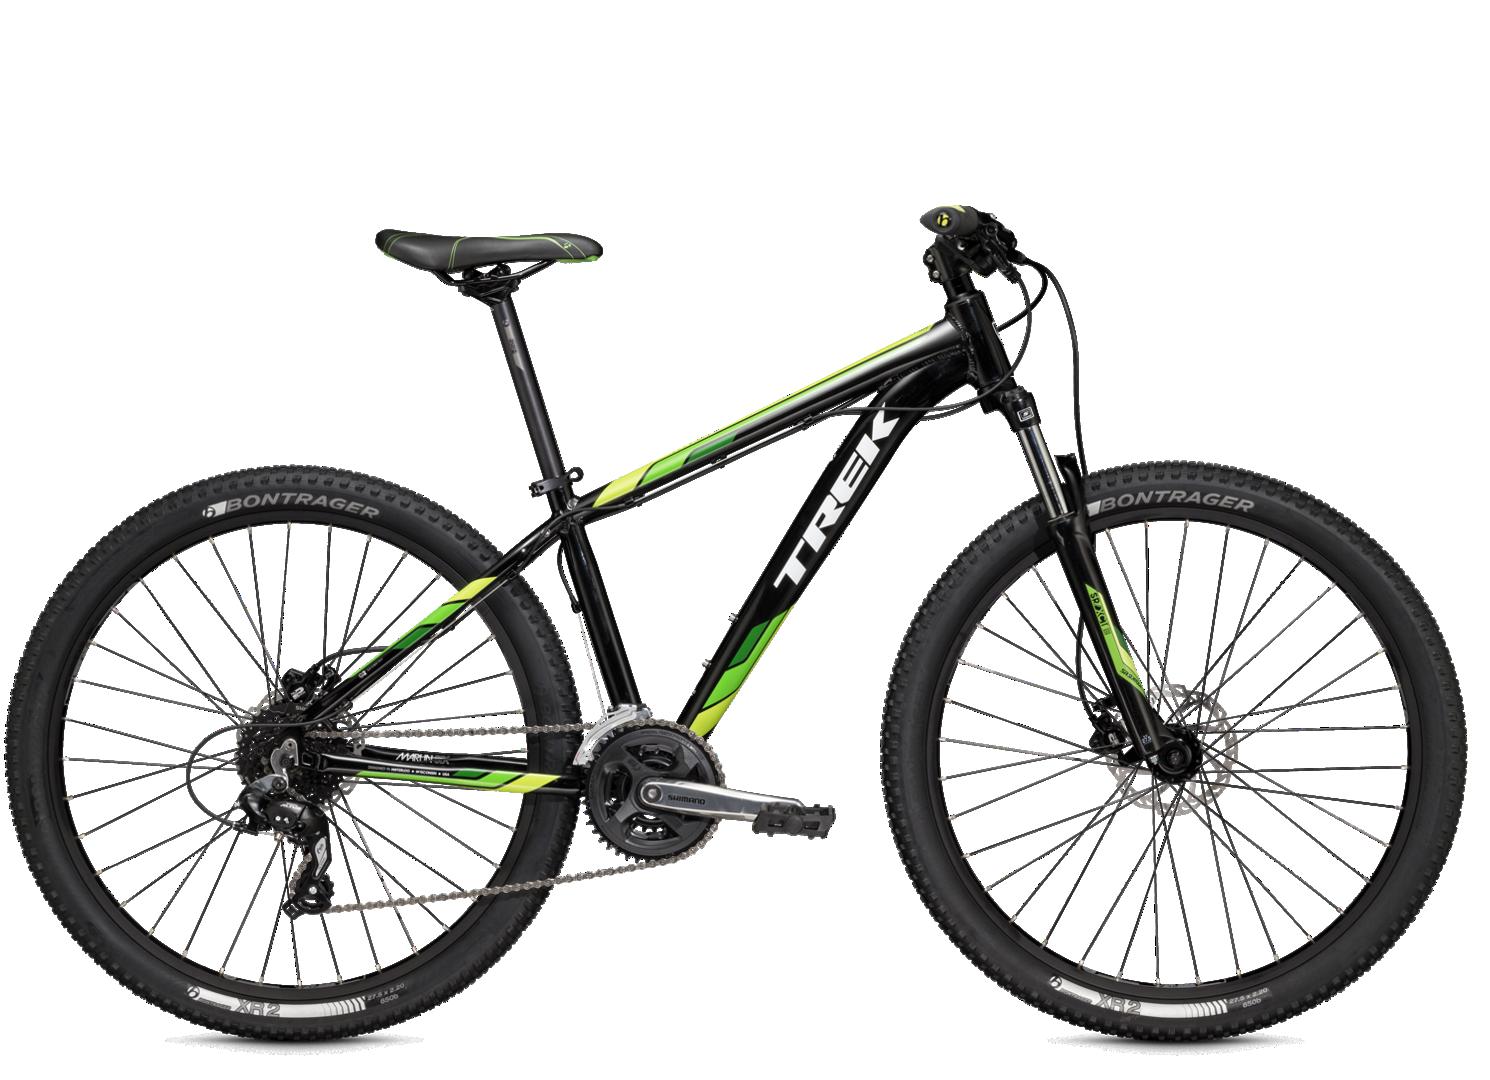 2015 Marlin 6 - Bike Archive - Trek Bicycle